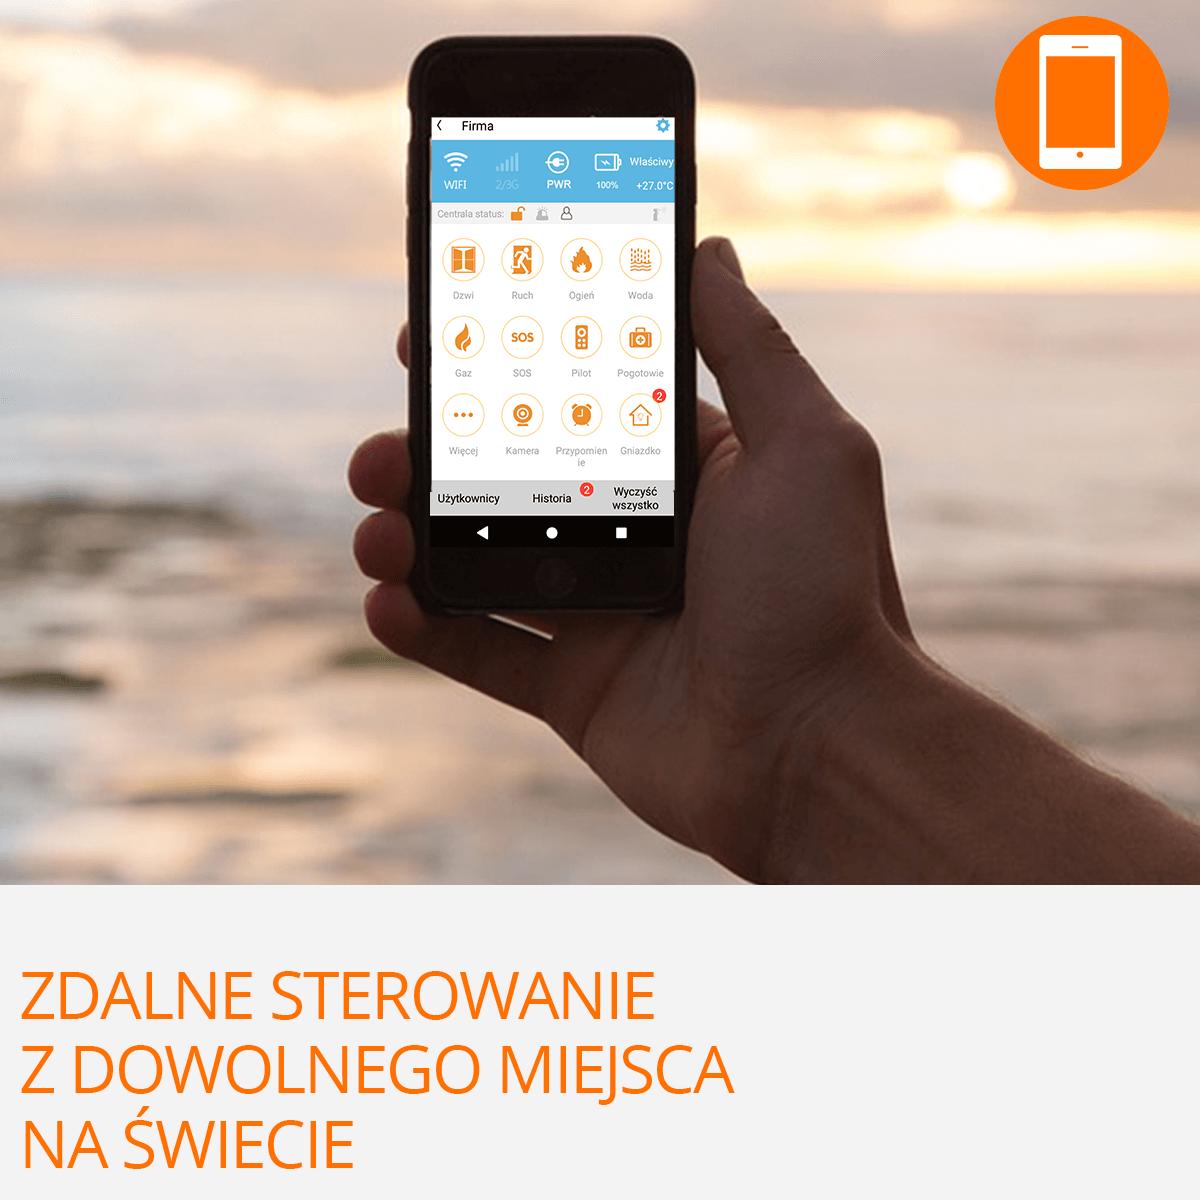 Centrala-alarmowa-zdalne-sterowanie-GSM-orllo-pl